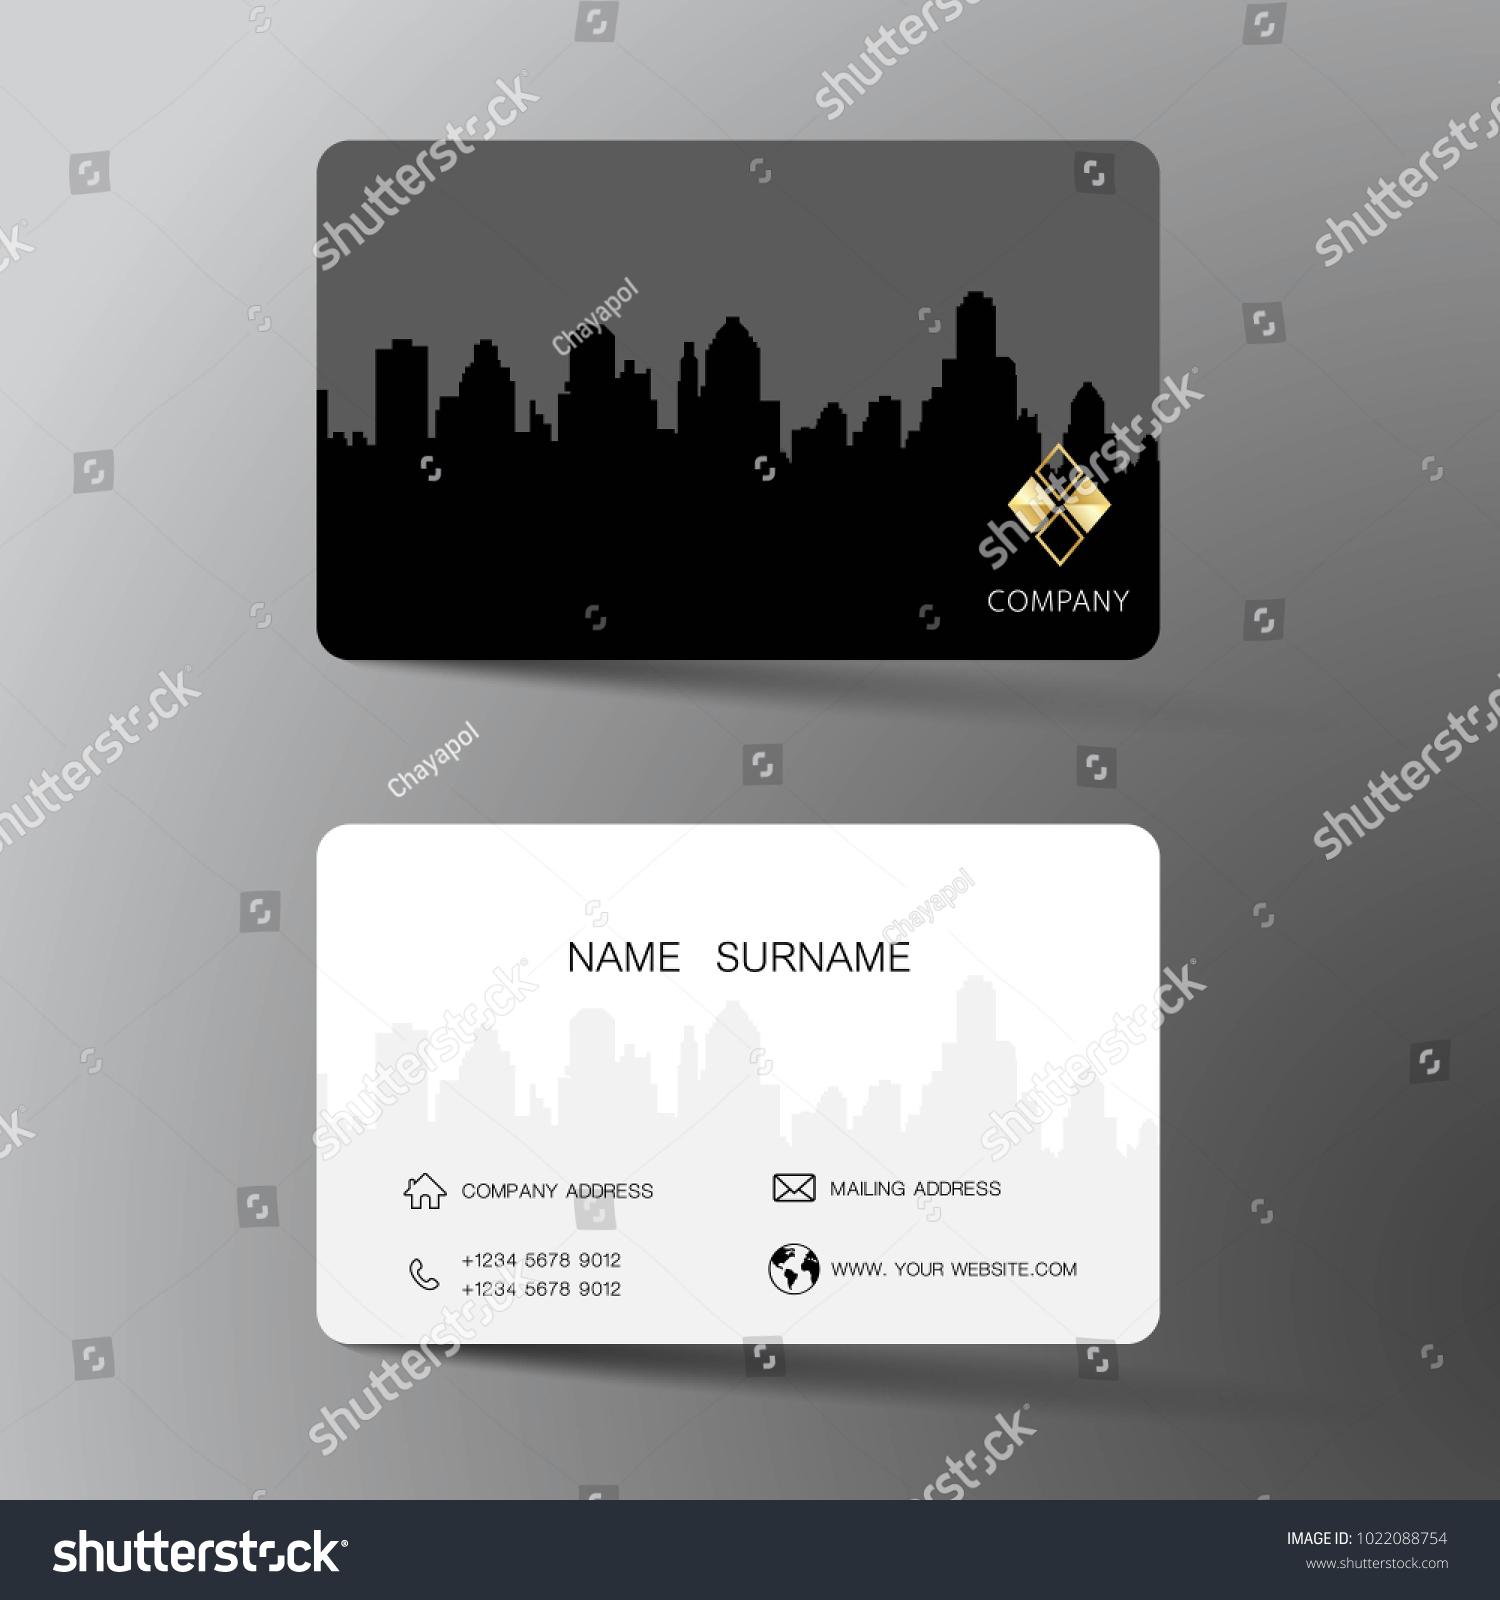 Business Card Design Inspiration Builging City Stock Photo (Photo ...